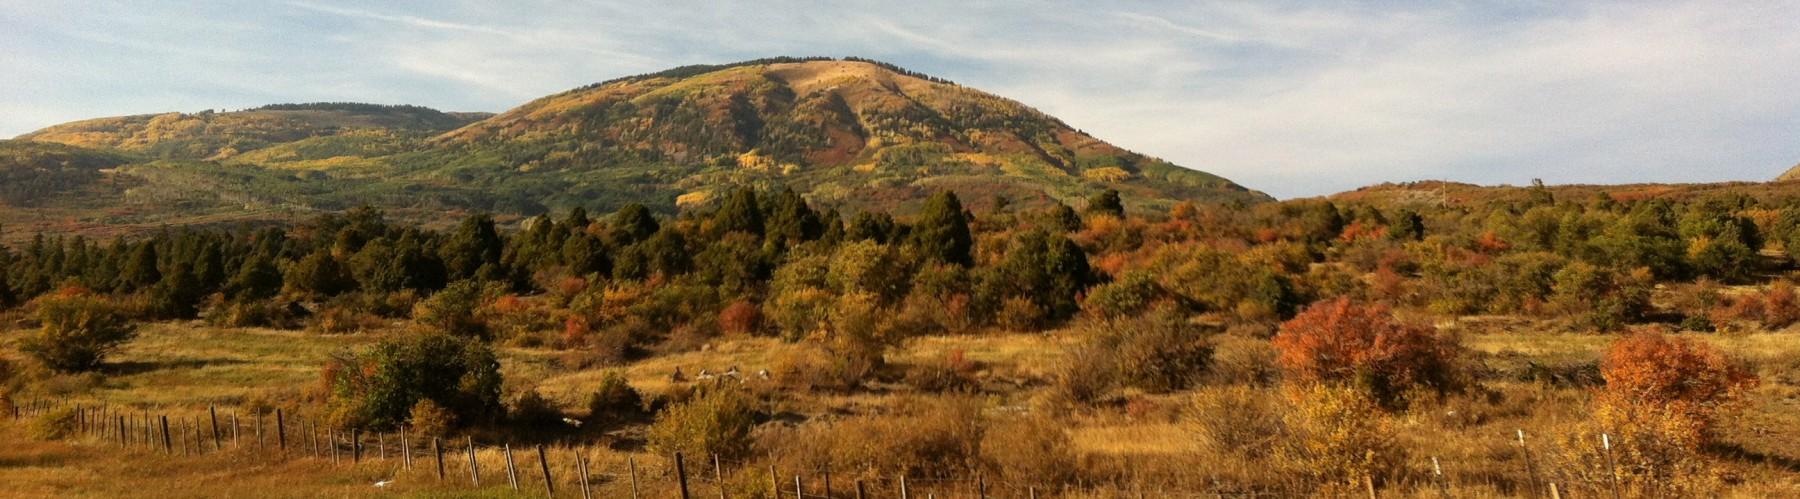 fallhill